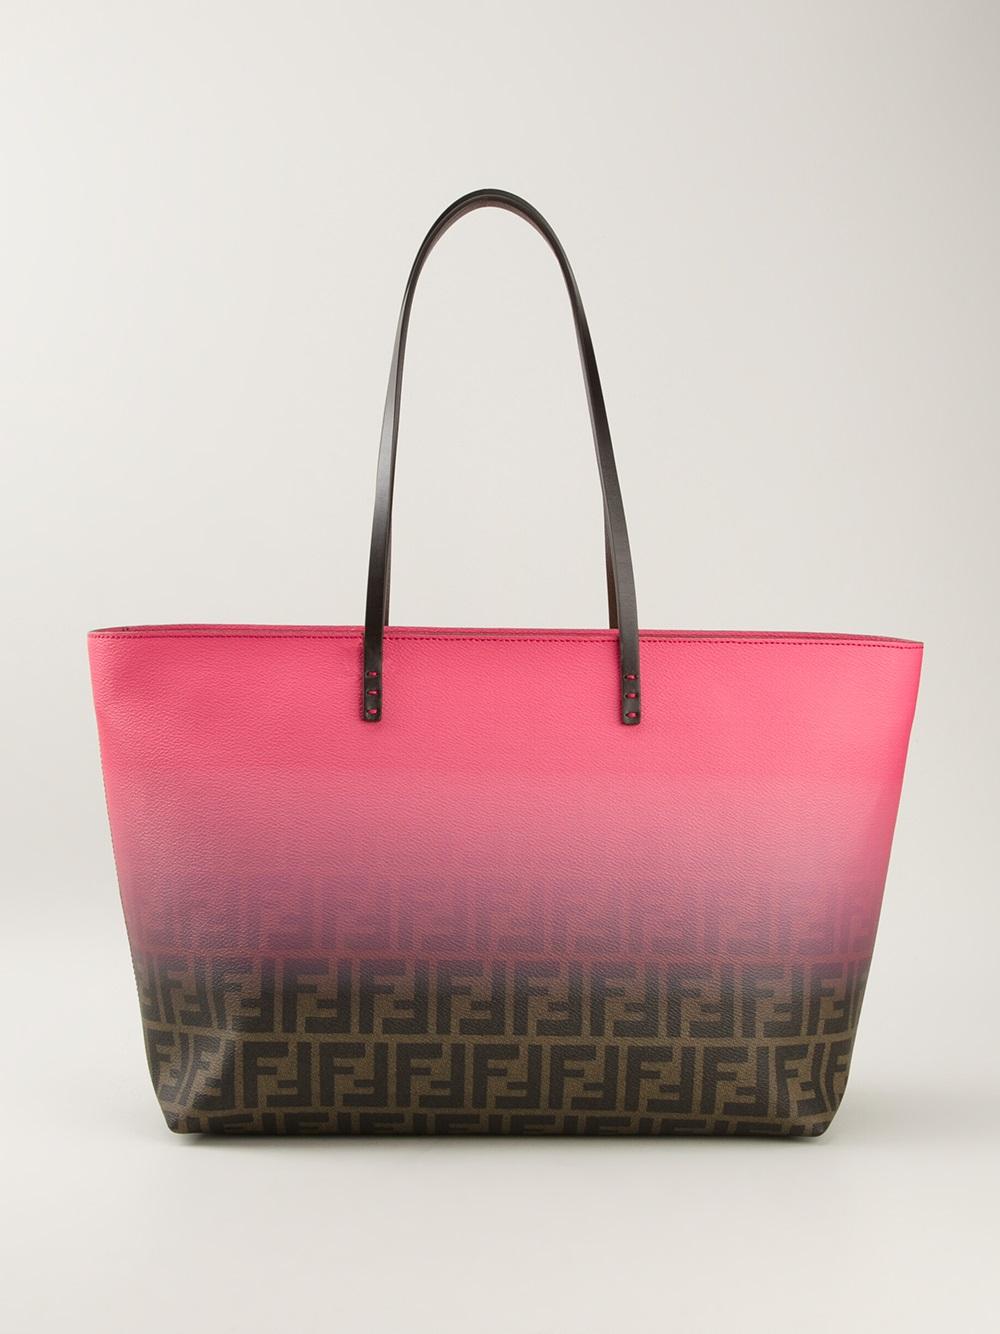 Lyst - Fendi Zucca Shopper Tote in Pink 7496abcd5edd4